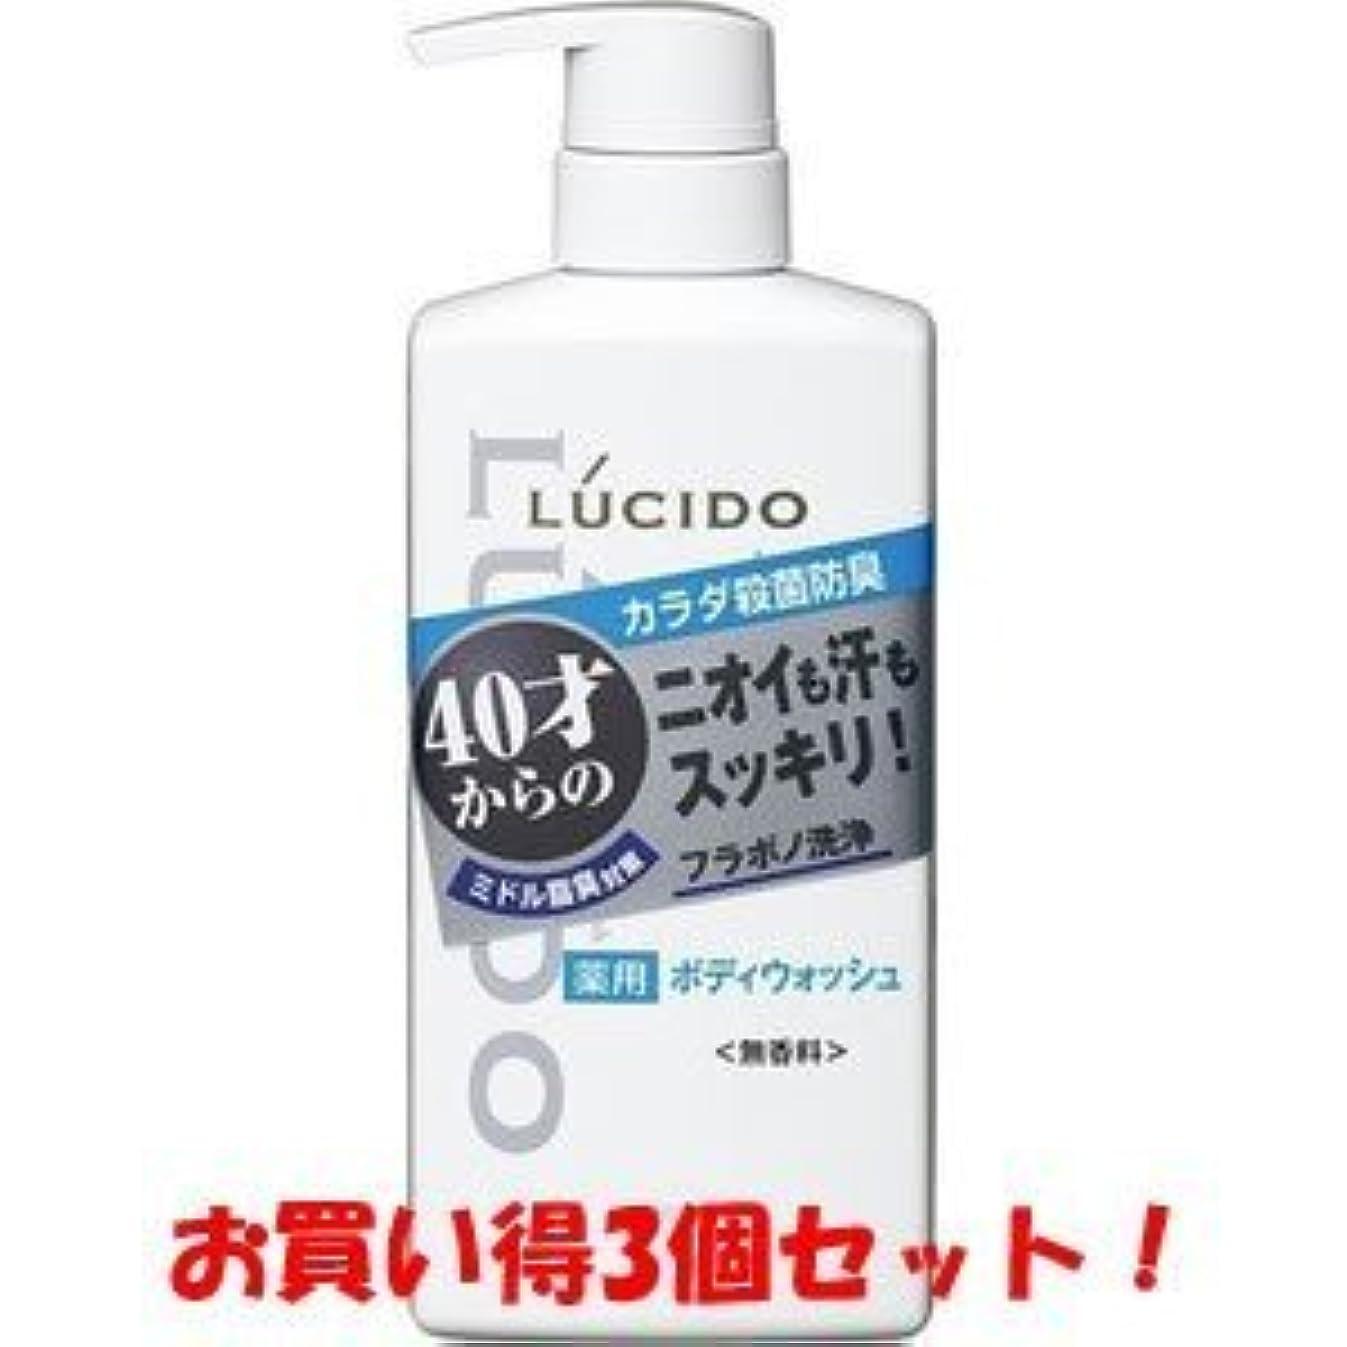 フィットスリム可決【LUCIDO】ルシード 薬用デオドラントボディウォッシュ 450ml(医薬部外品)(お買い得3個セット)